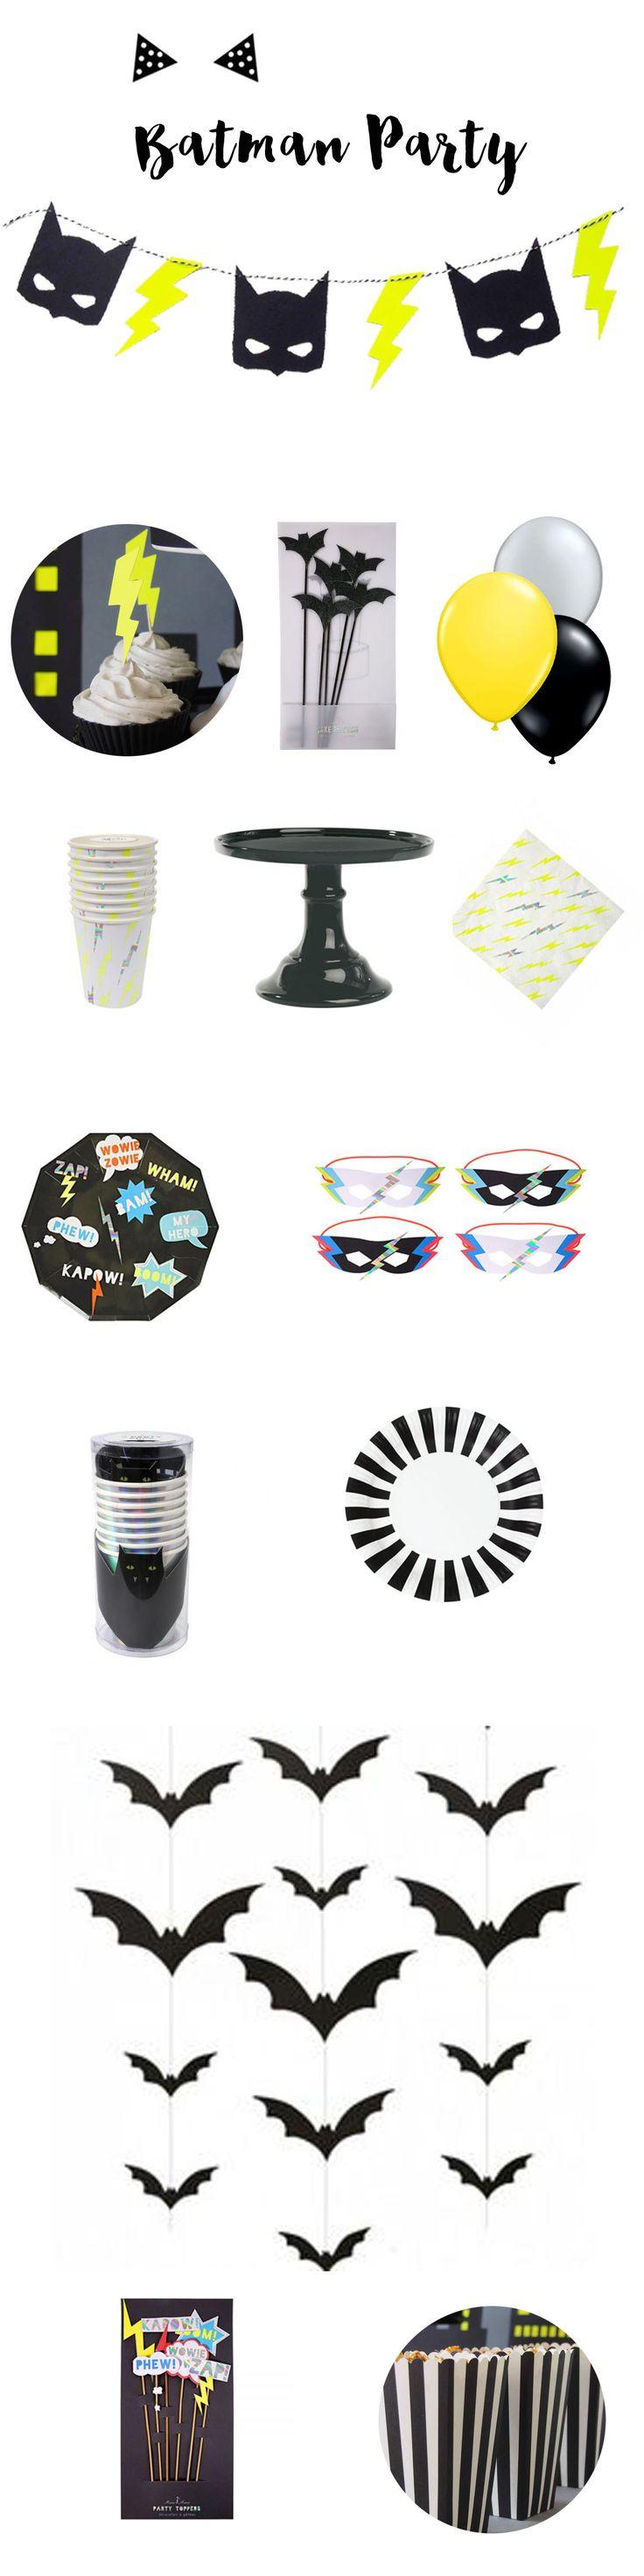 Vaisselle et accessoires déco pour sweet table d'anniversaire sur le thème de Batman à retrouver sur www.rosecaramelle.fr #batman #topper #cupcake #superhéros #batmanparty #superheroe #sweettable #fete #anniversaire #party #candybar